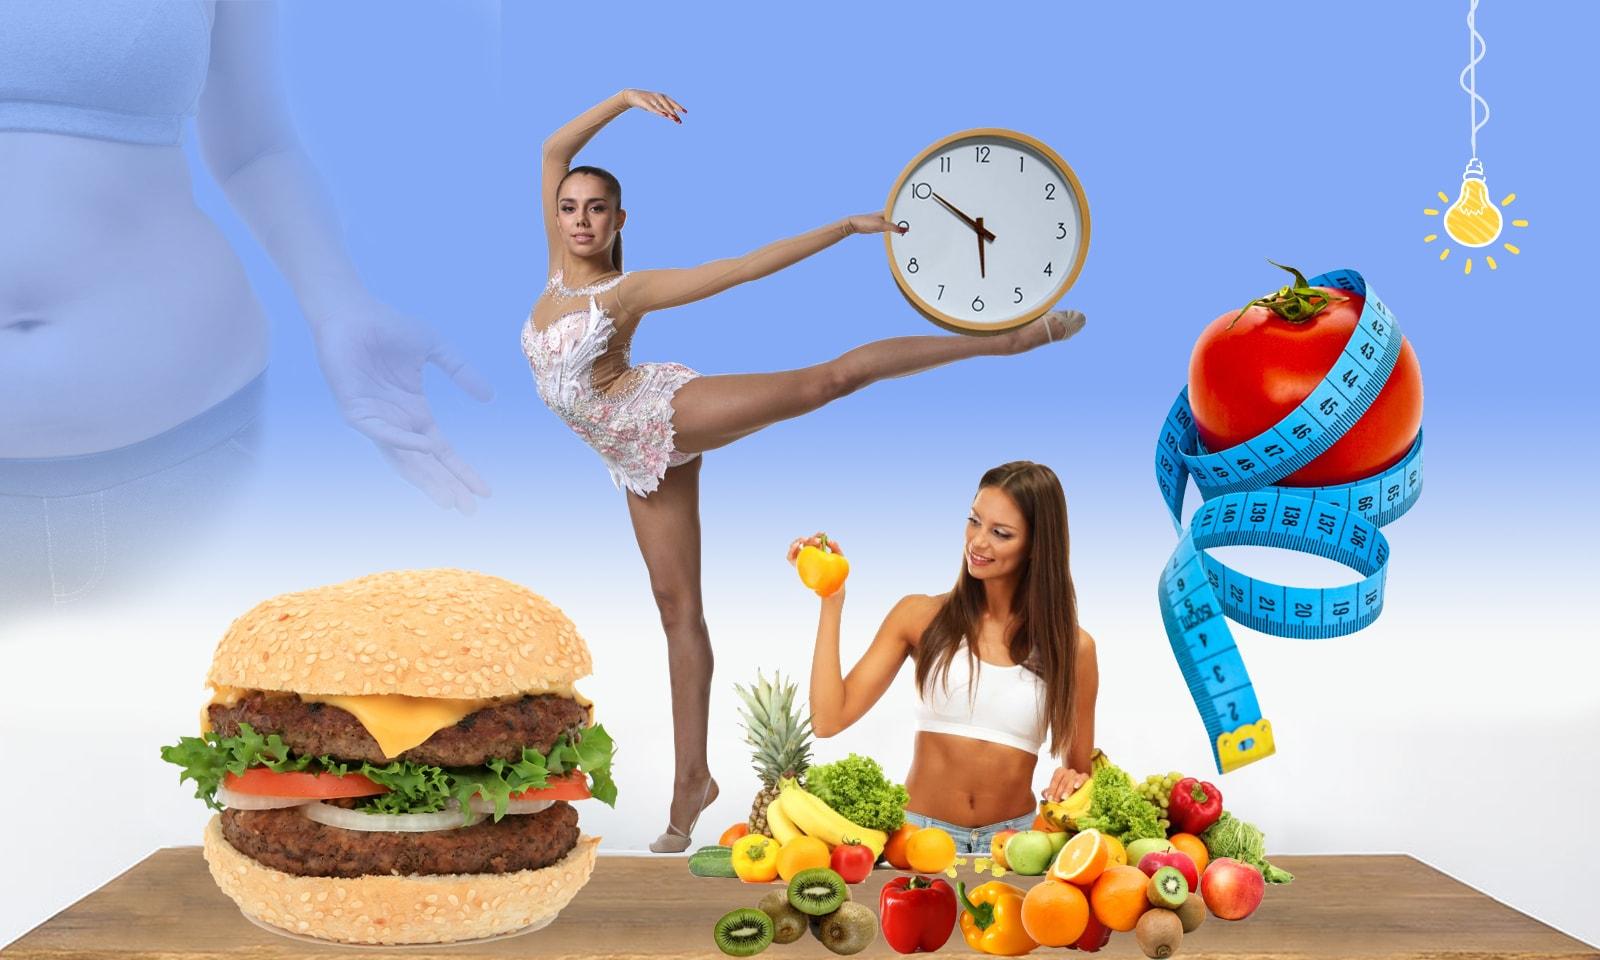 Диета зигзаг: новая эффективная диета.